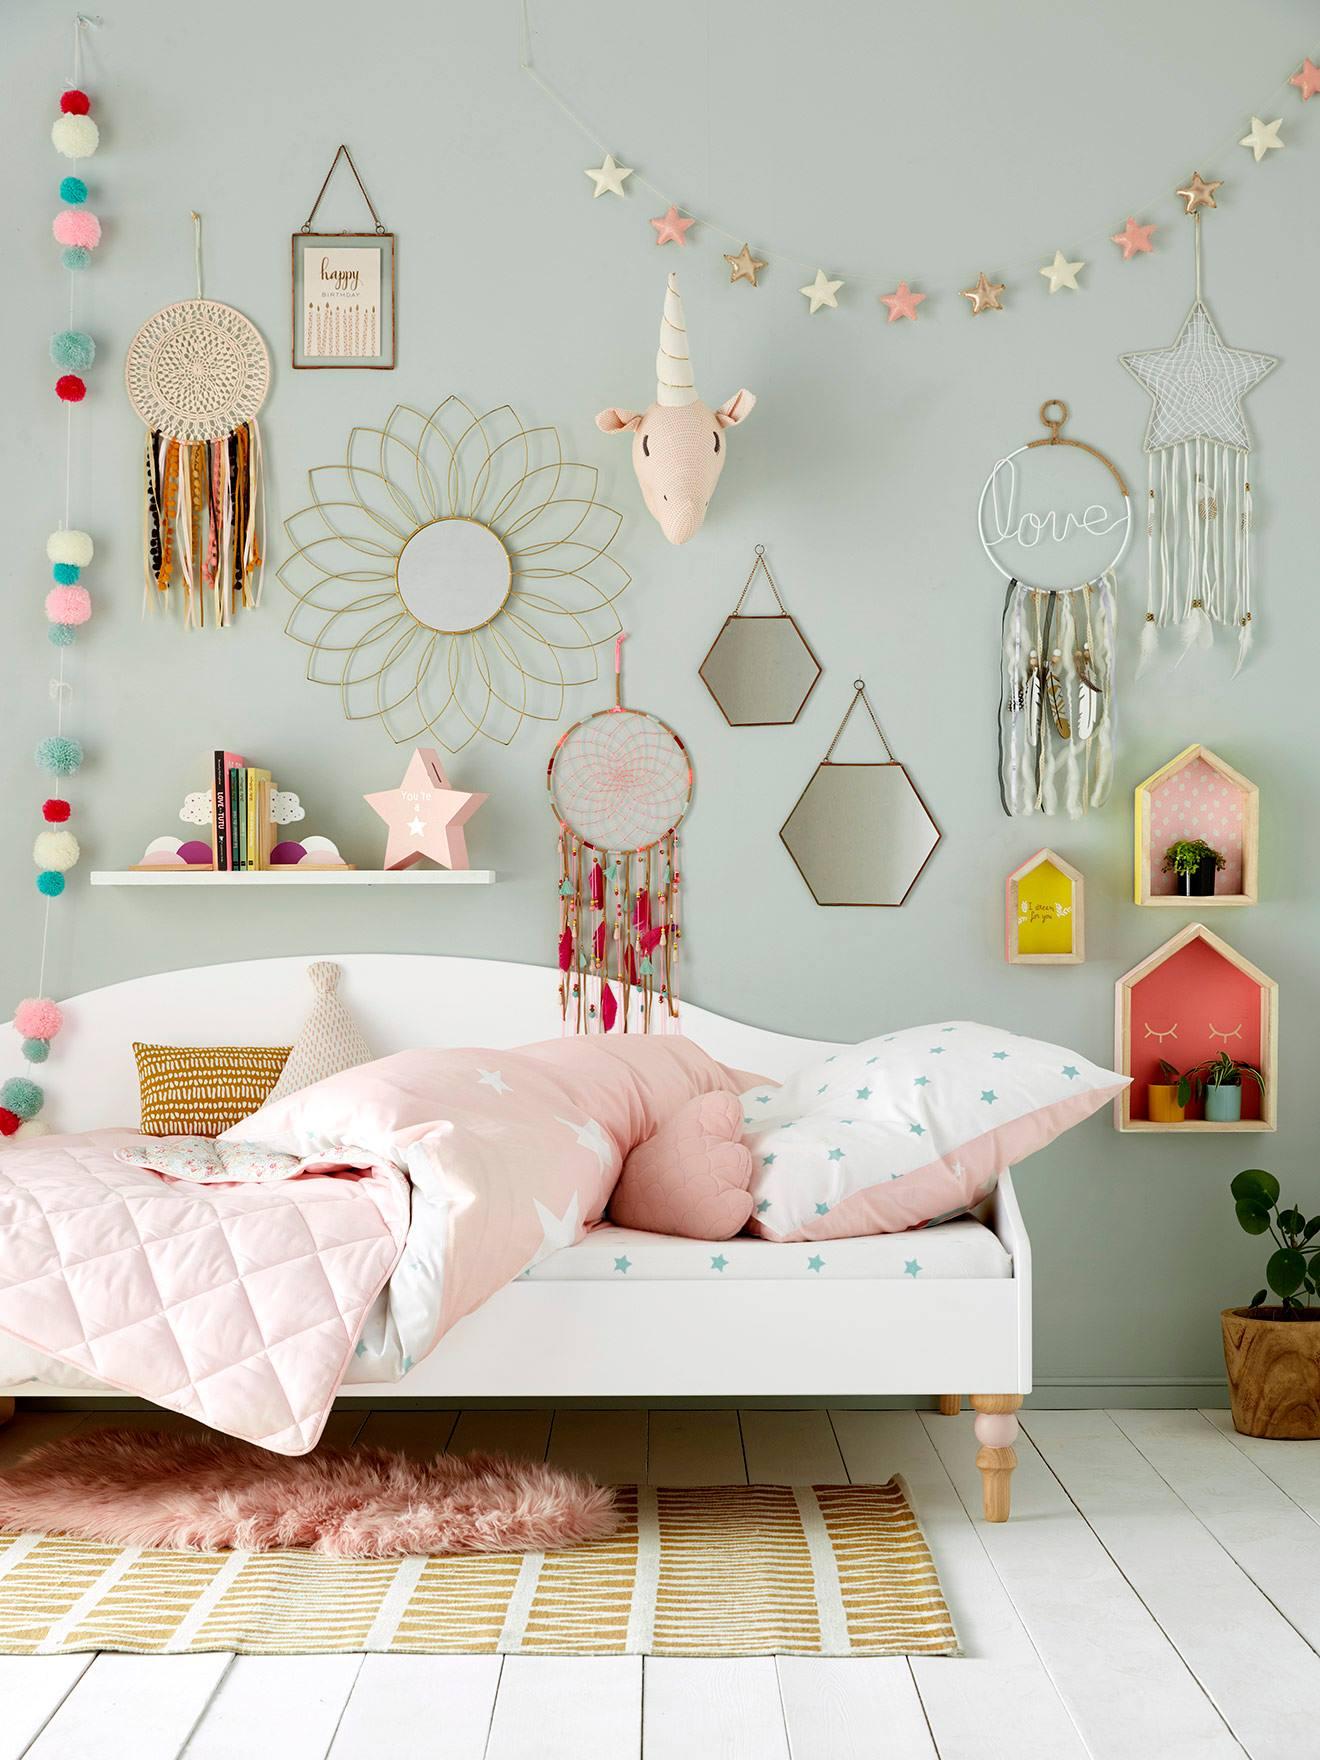 pink kitchen decorating ideas.htm children s star garland pink  bedding   decor  children s star garland pink  bedding